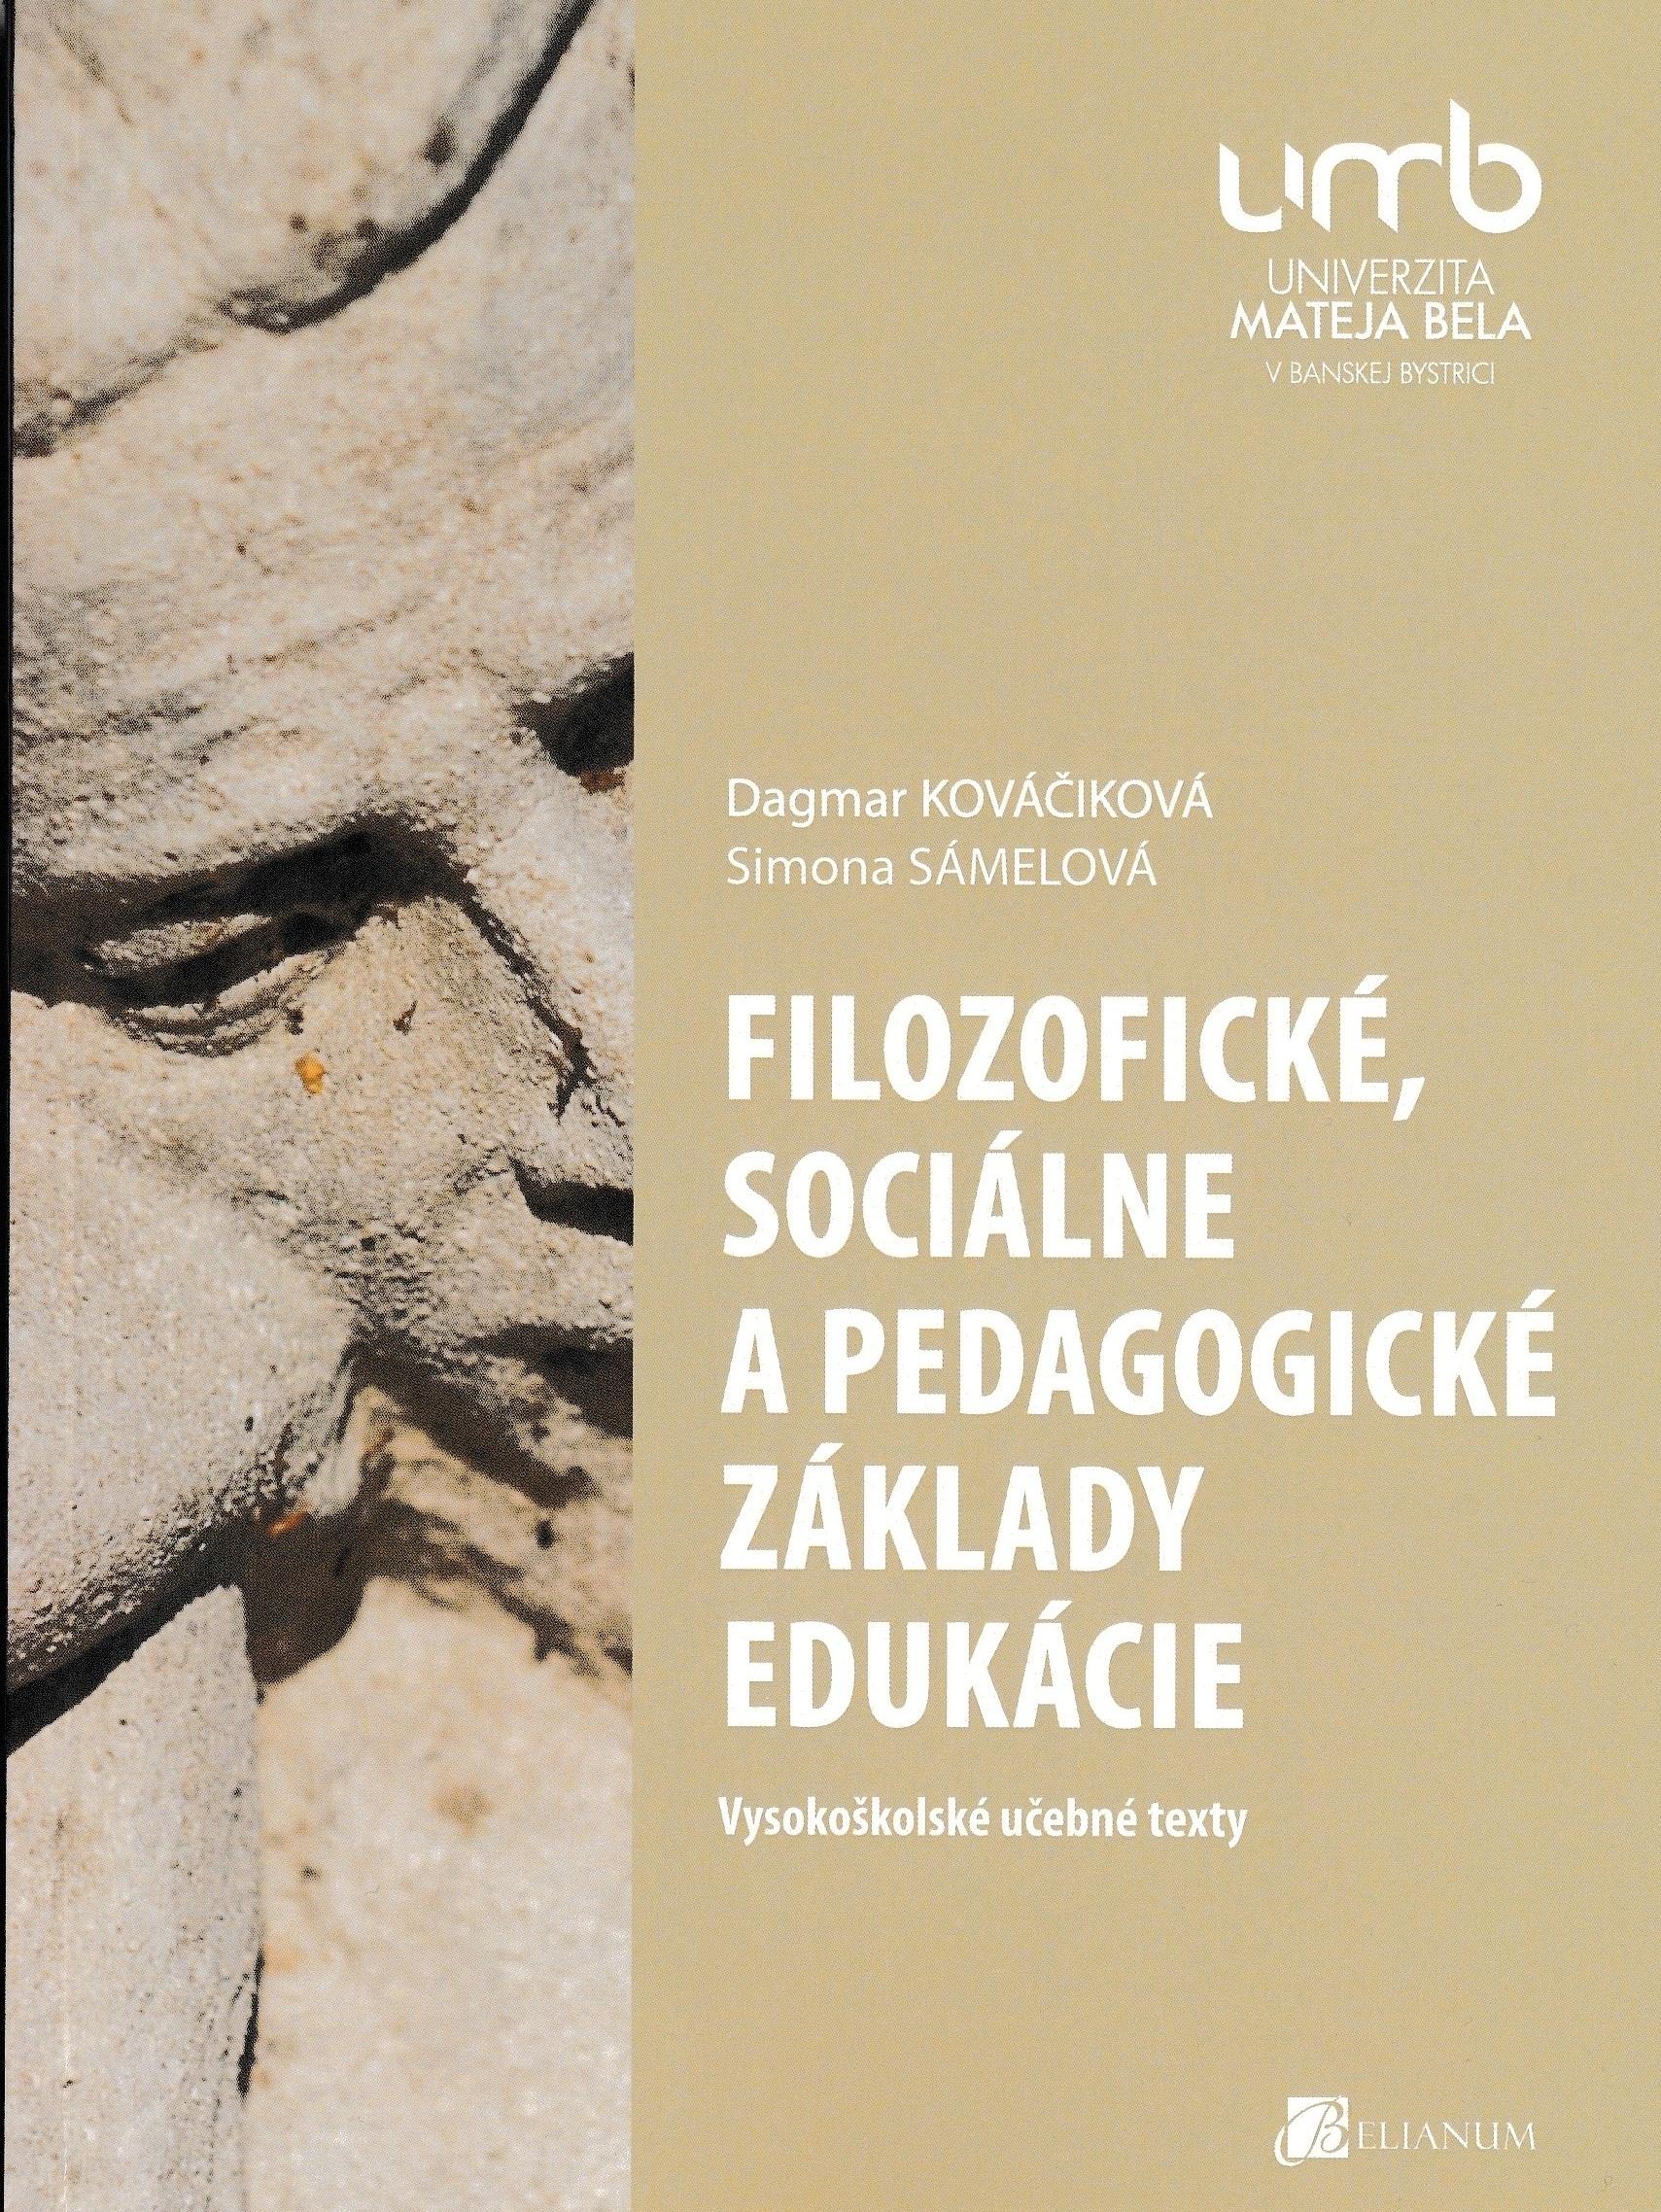 Filozofické, sociálne a pedagogické základy edukácie